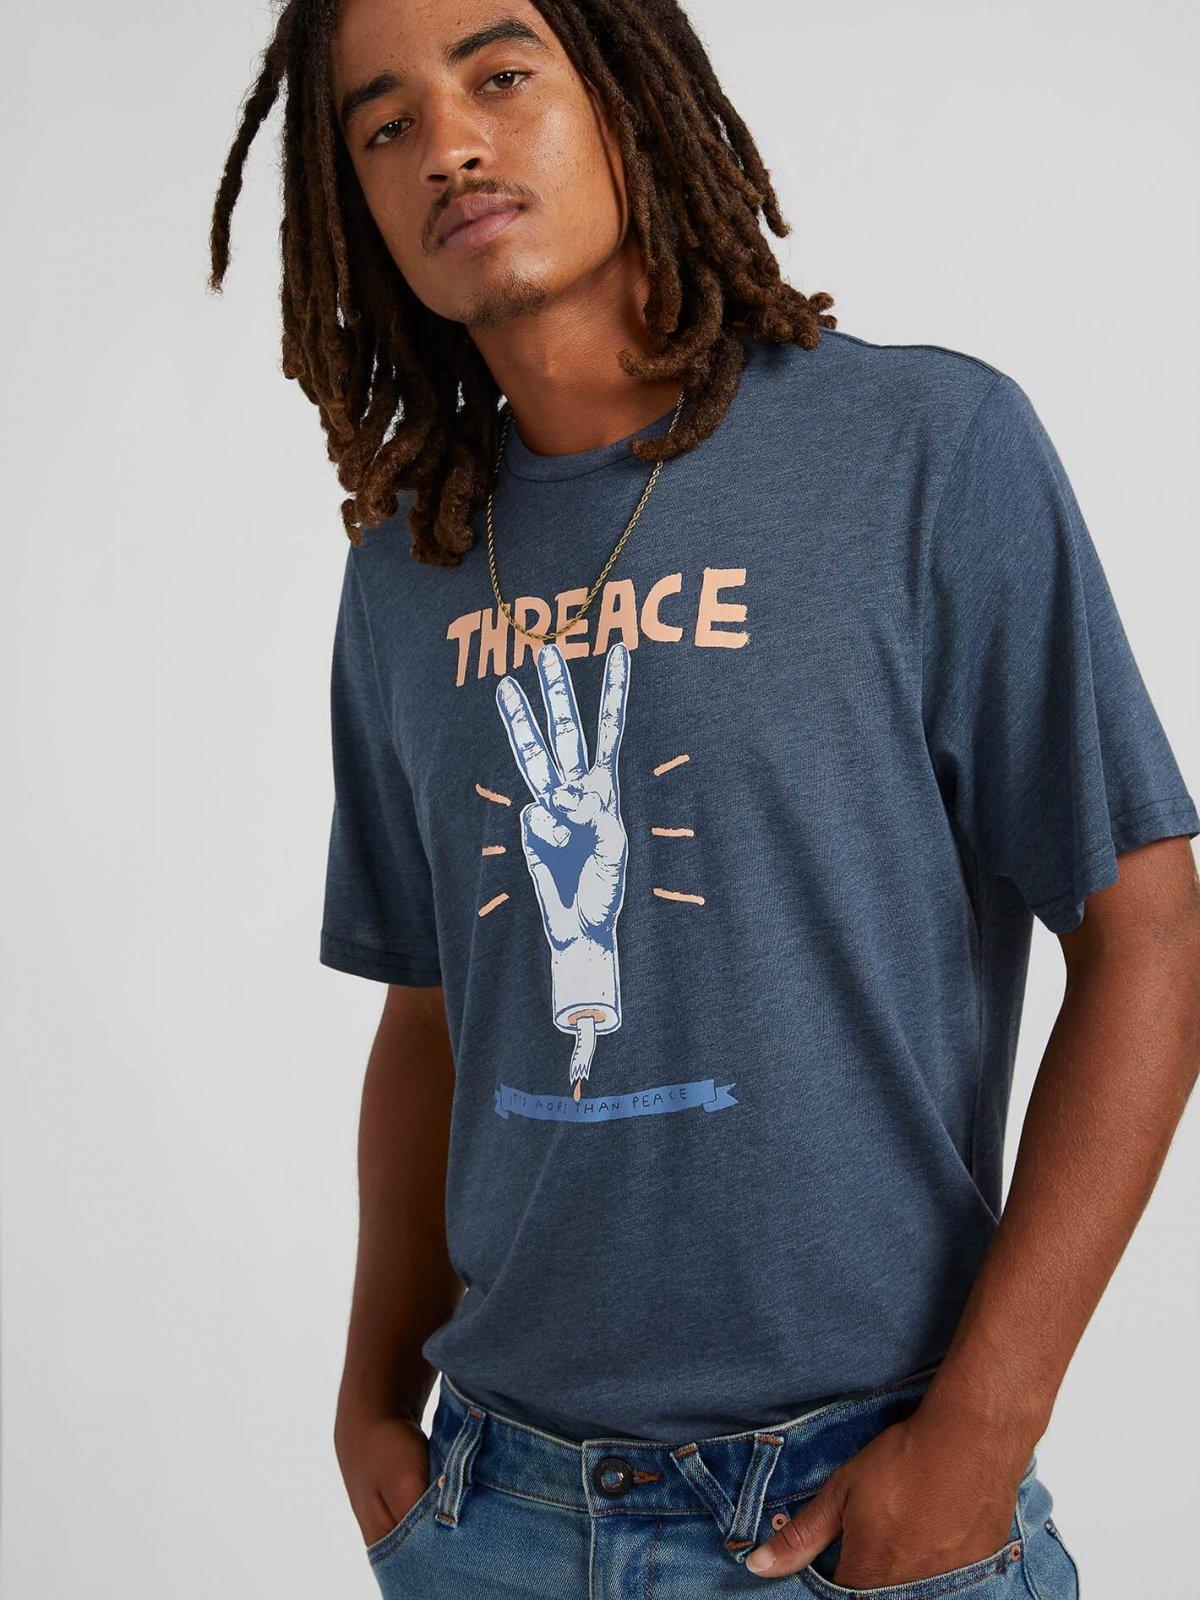 THREACE SS